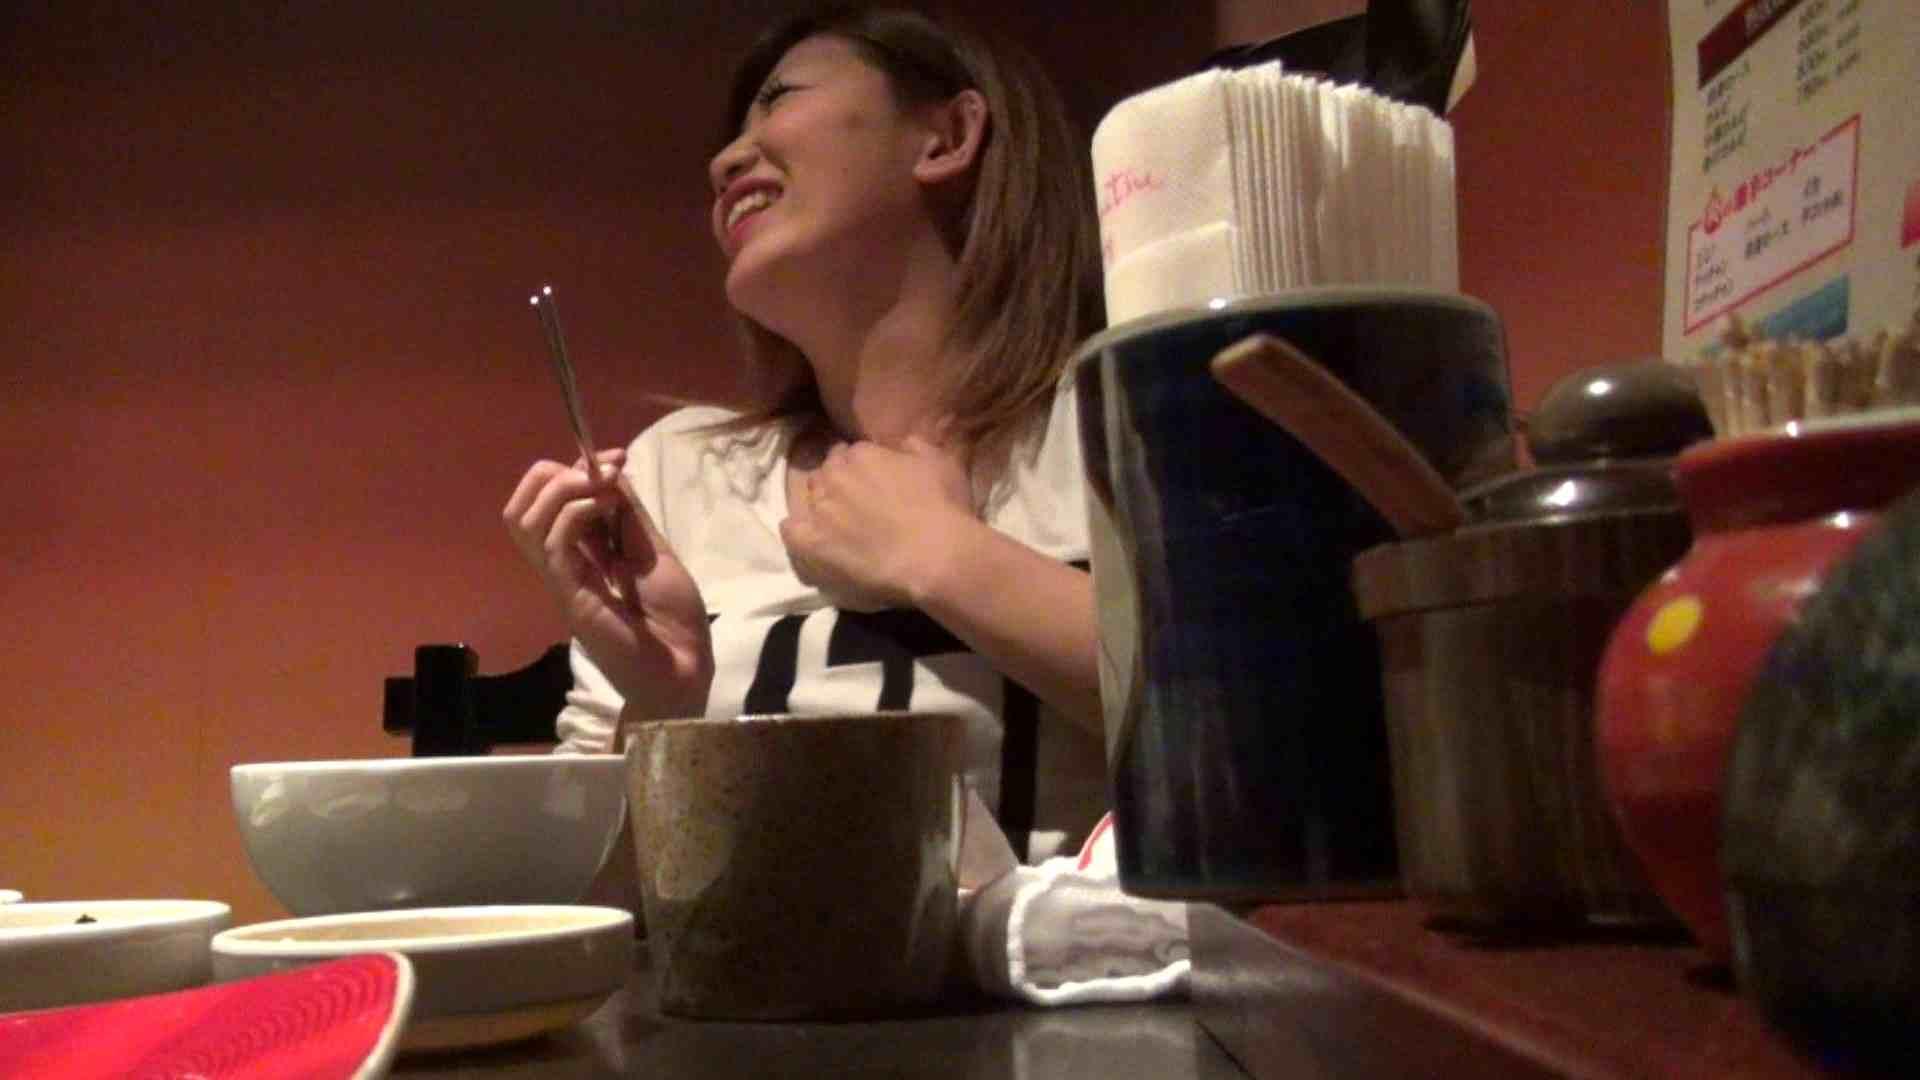 【出会い01】大助さんMちゃんと食事会 エッチすぎる友人  54連発 38